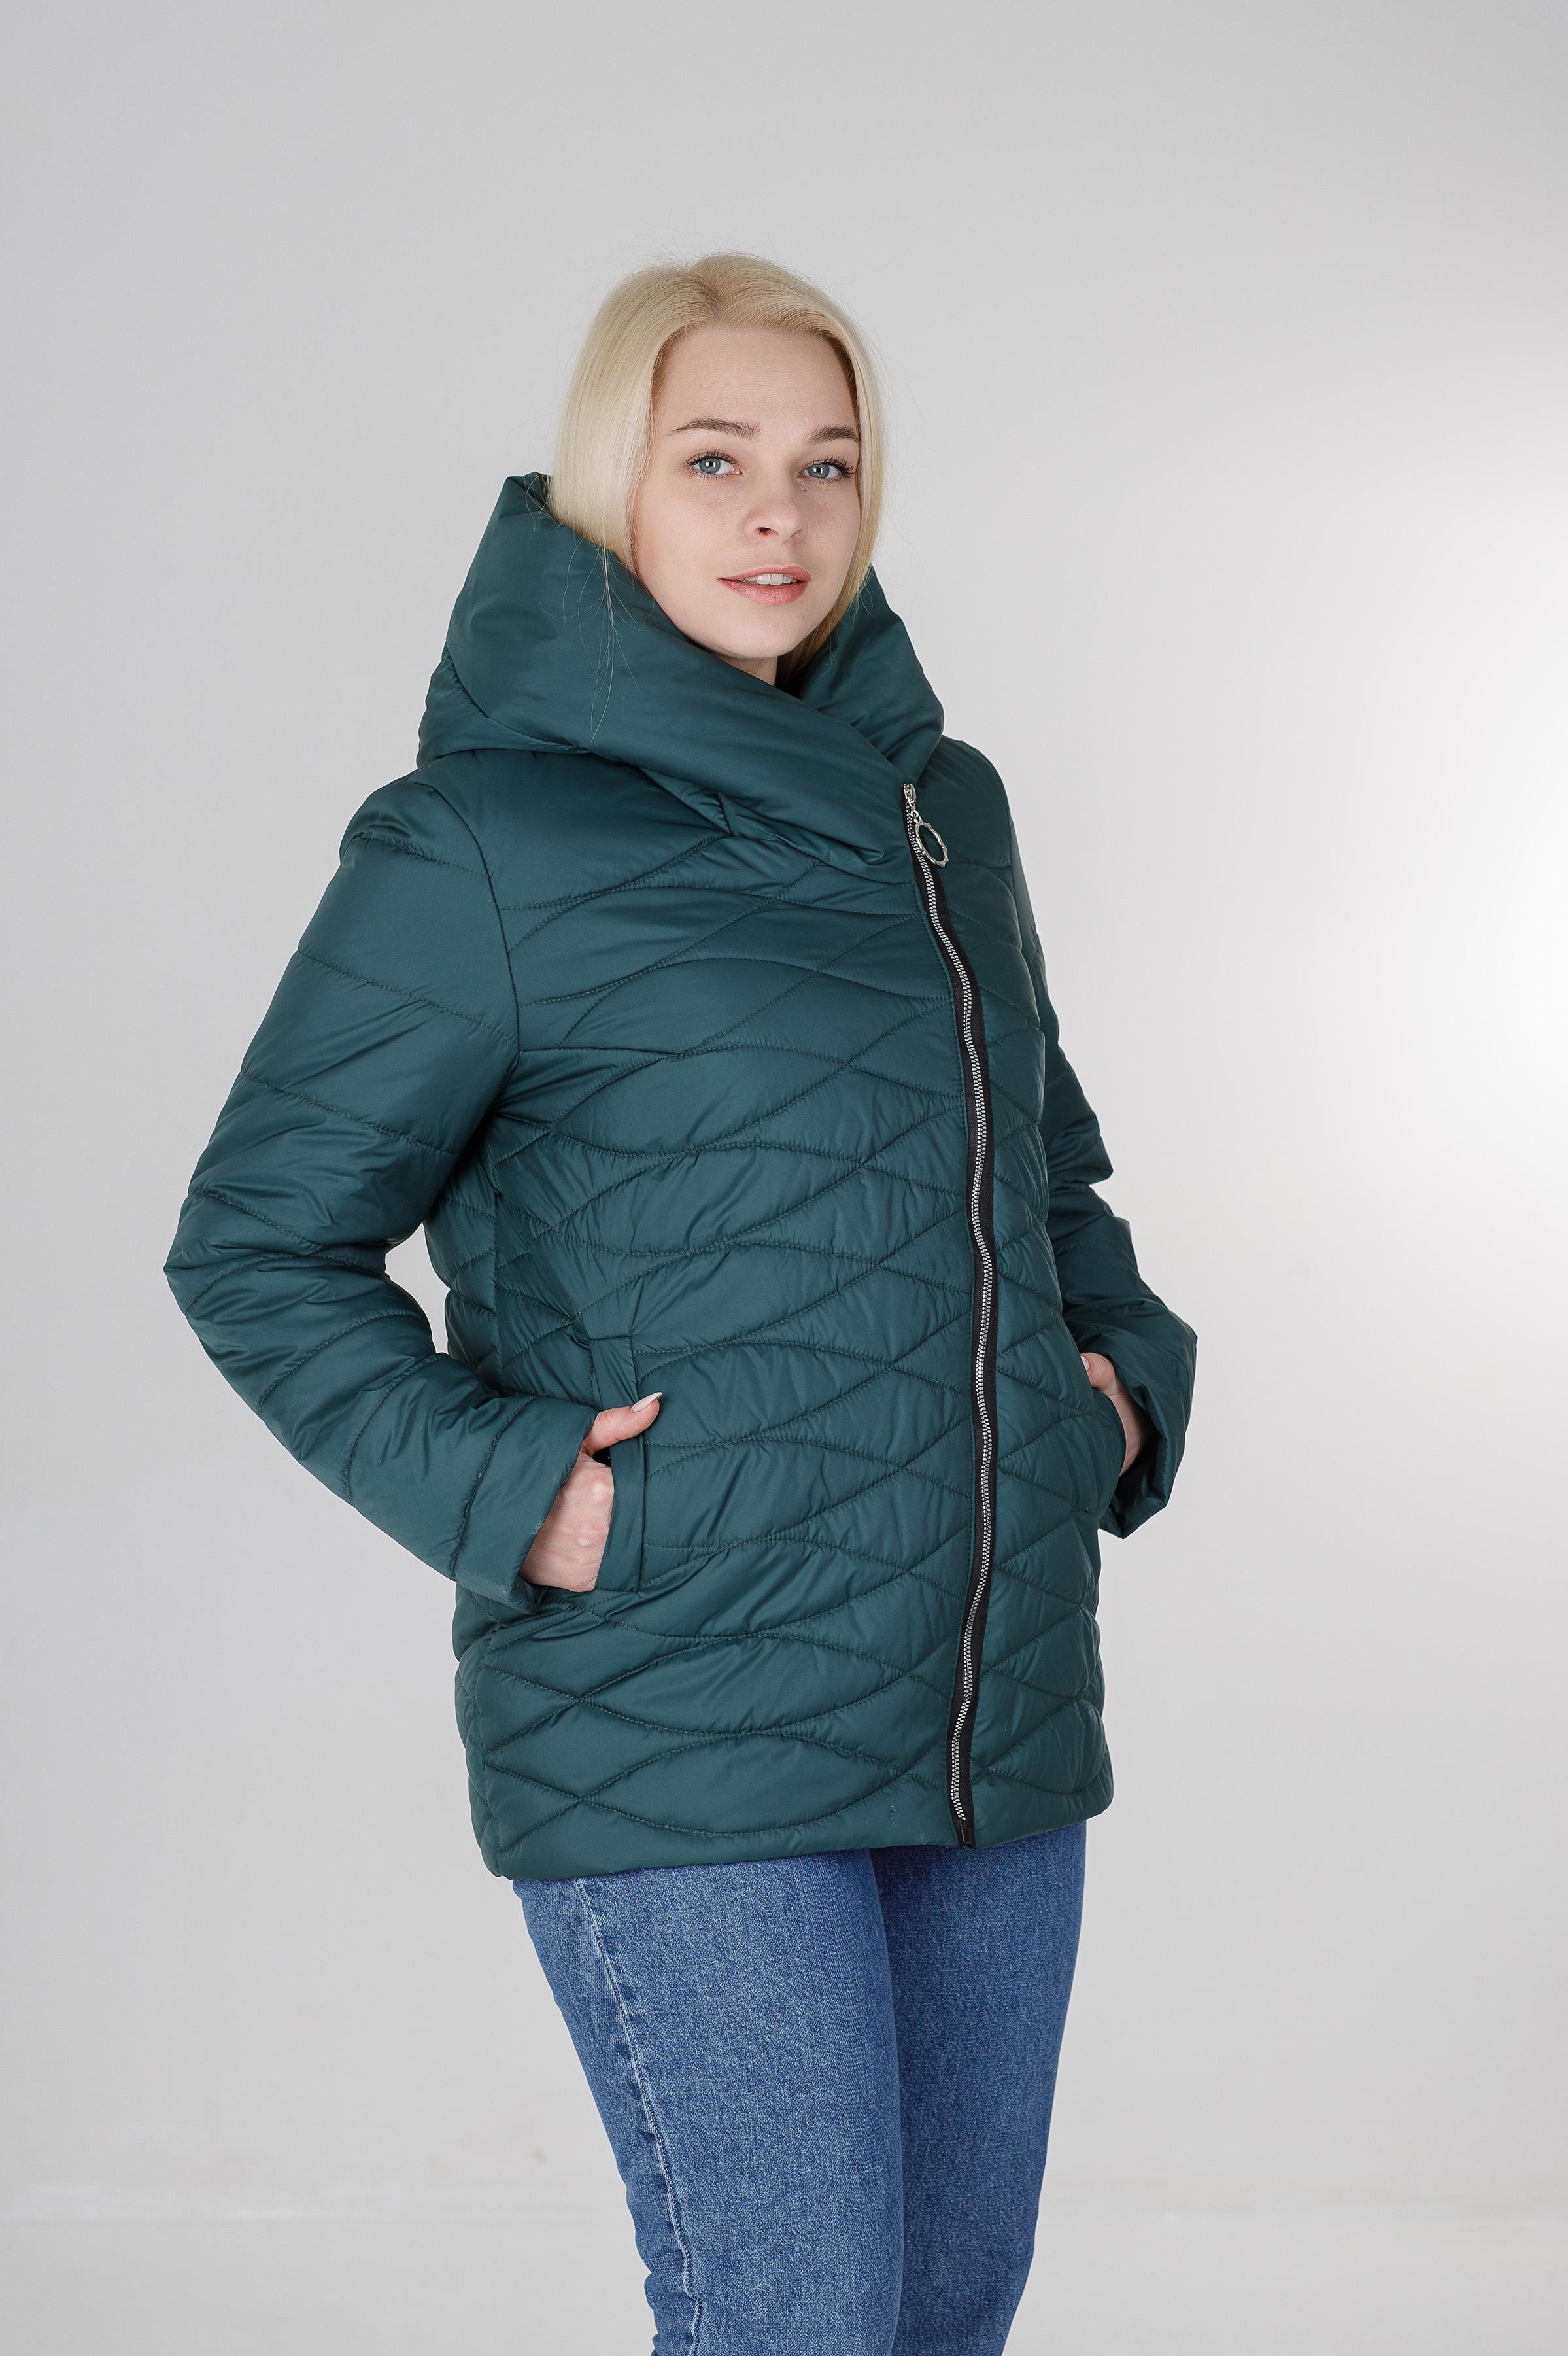 Ассиметричная демисезонная женская куртка Надин бирюзовая